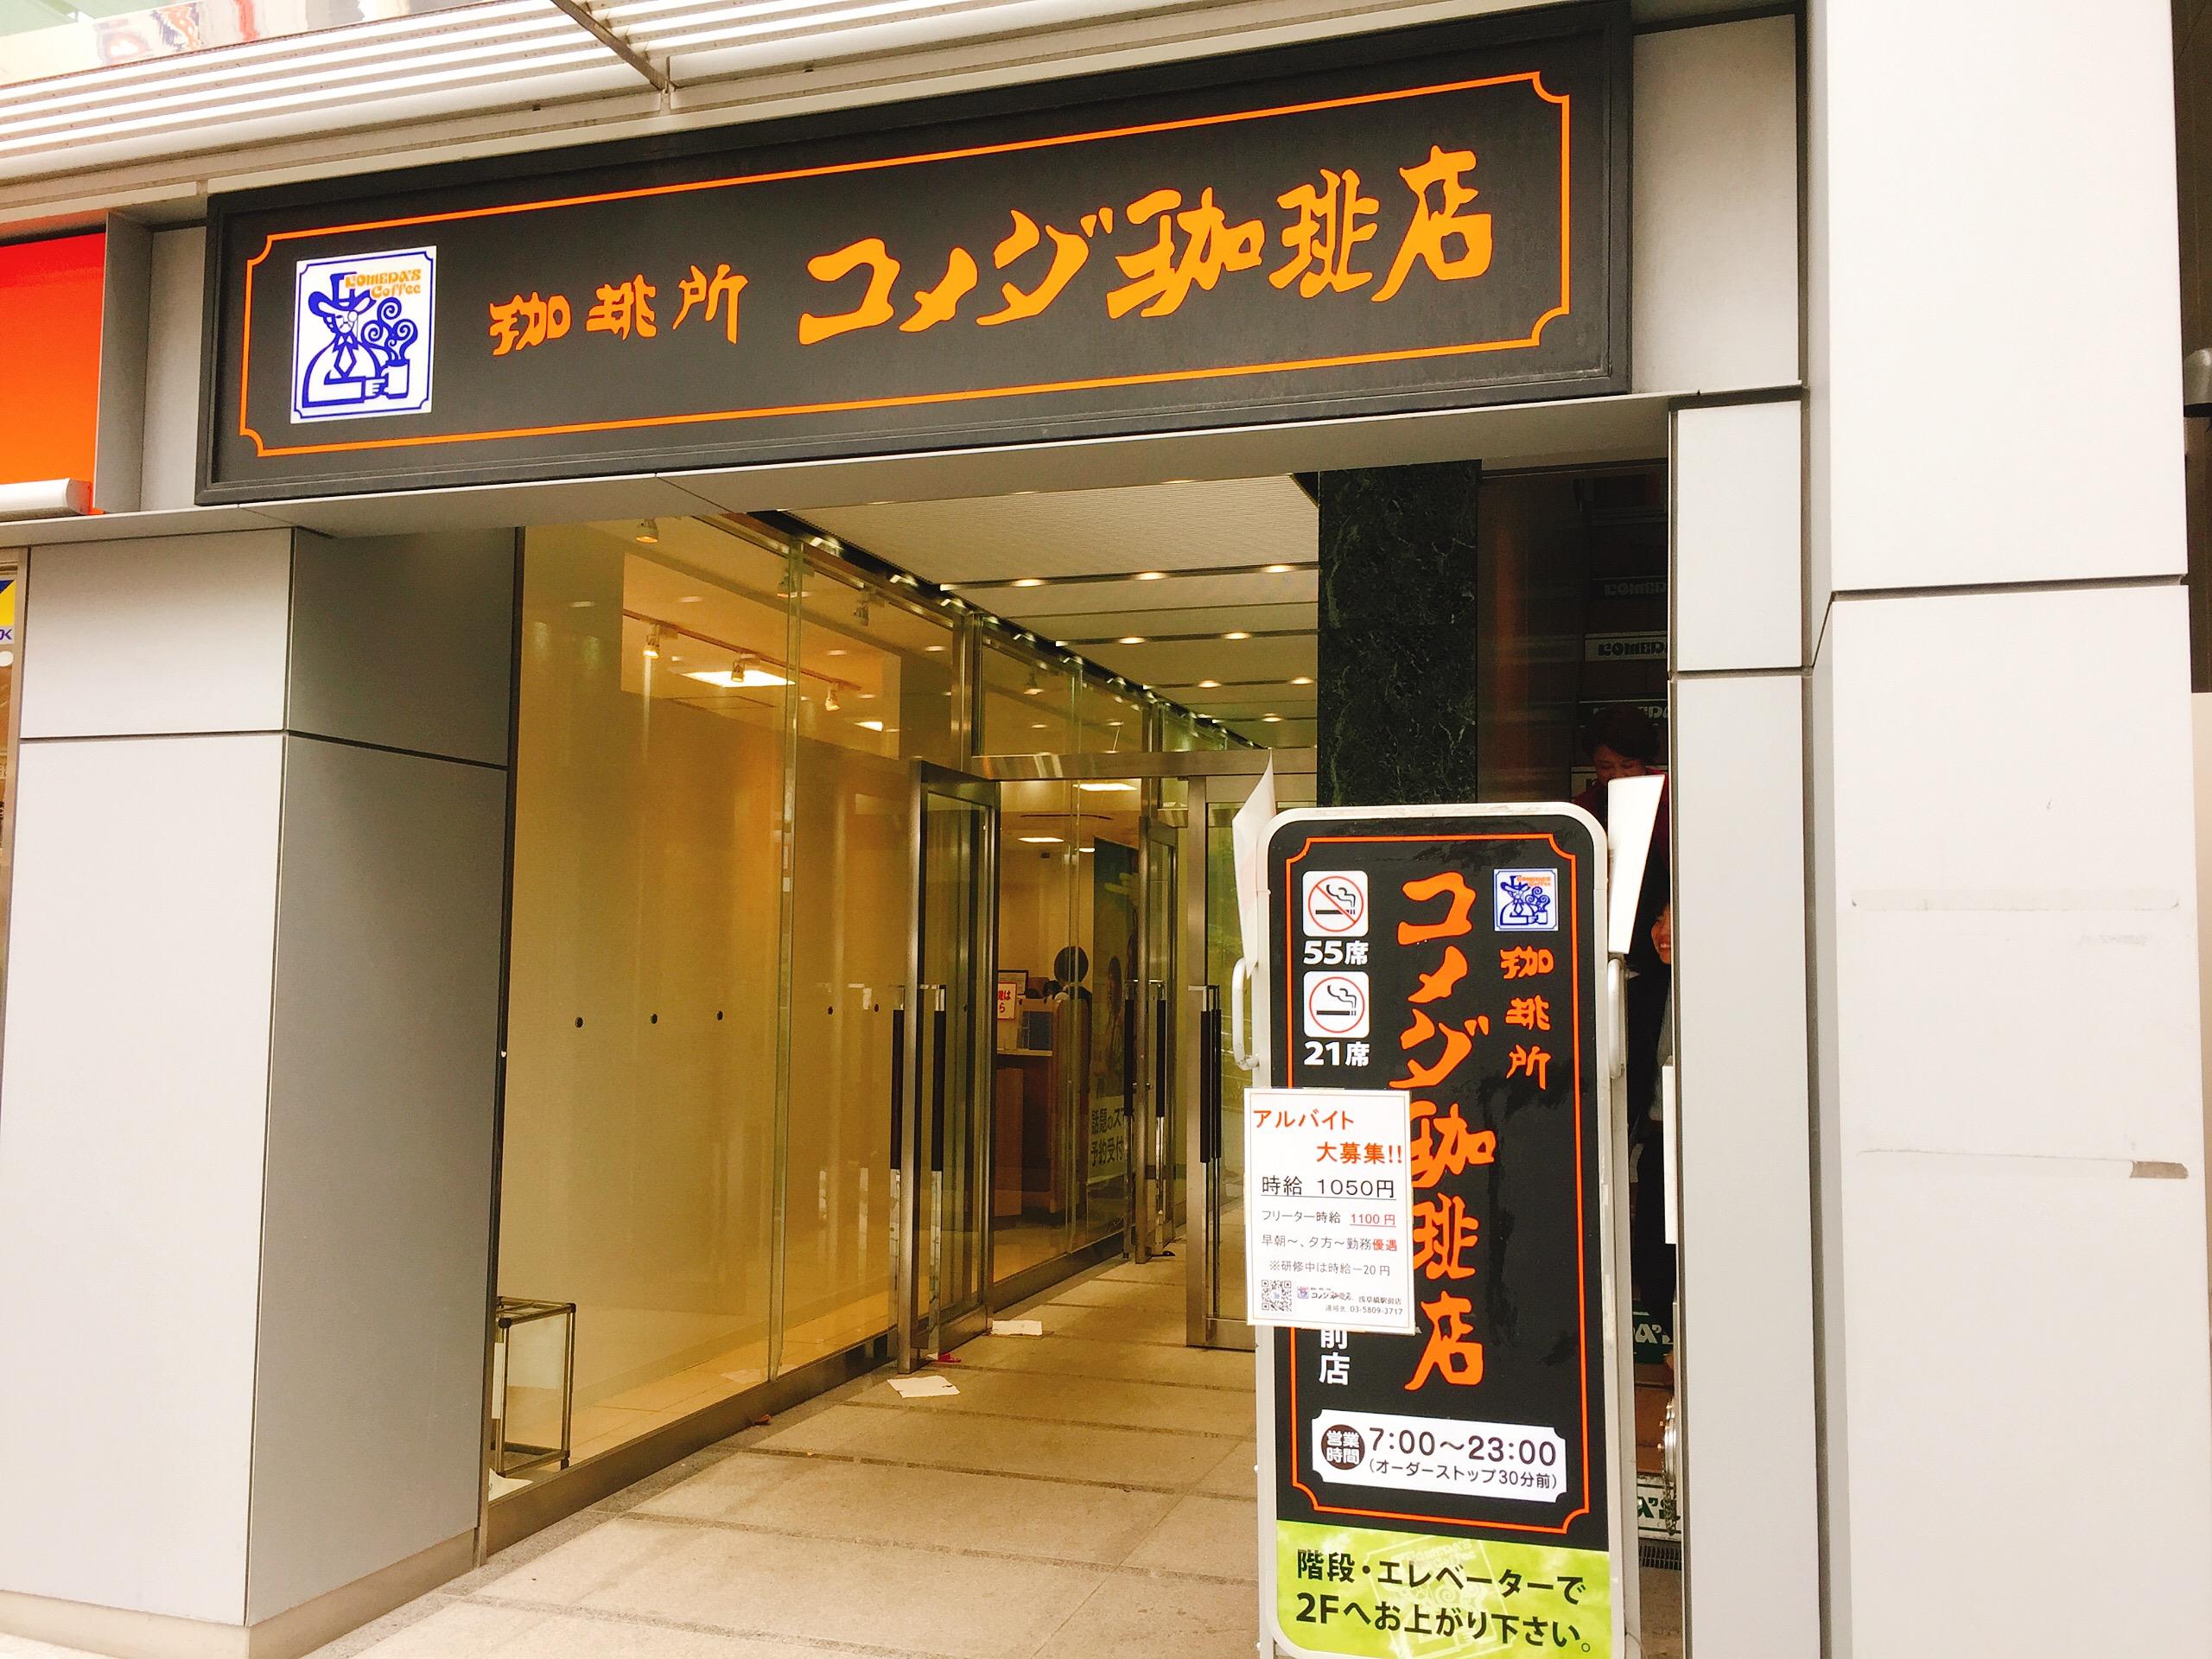 浅草橋駅 電源カフェ コメダ珈琲店 浅草橋駅前店